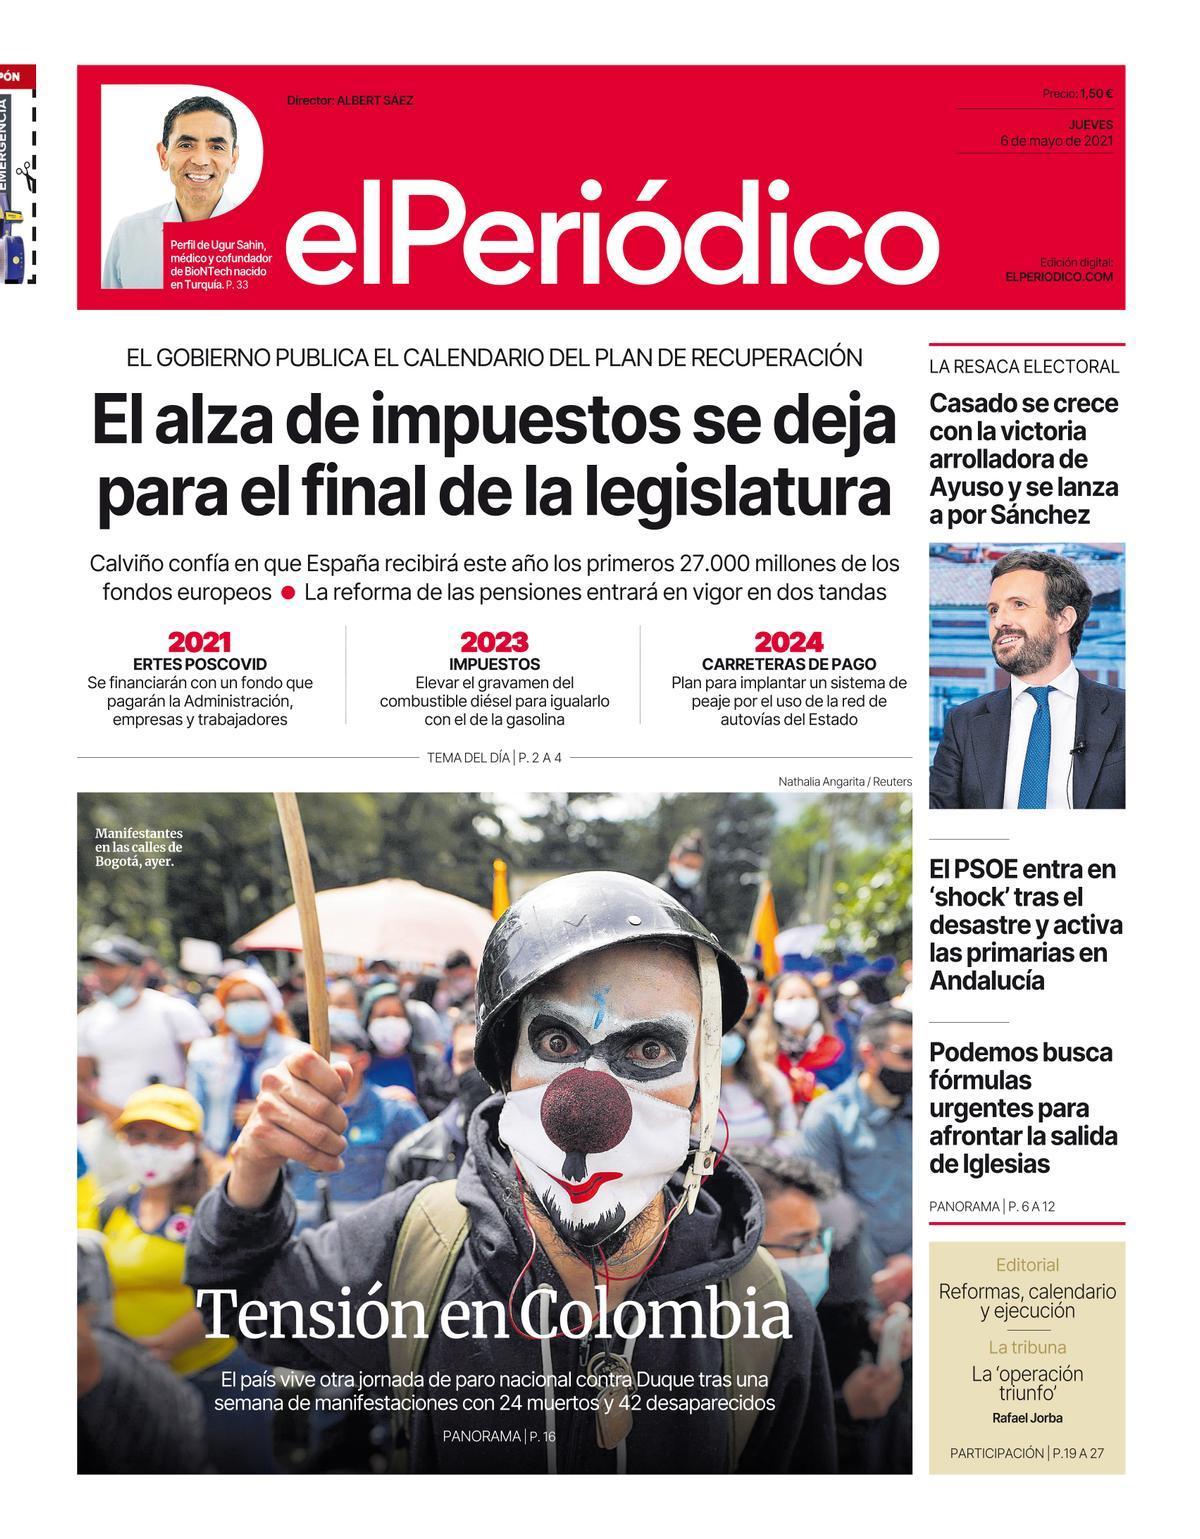 La portada de EL PERIÓDICO del 6 de mayo de 2021